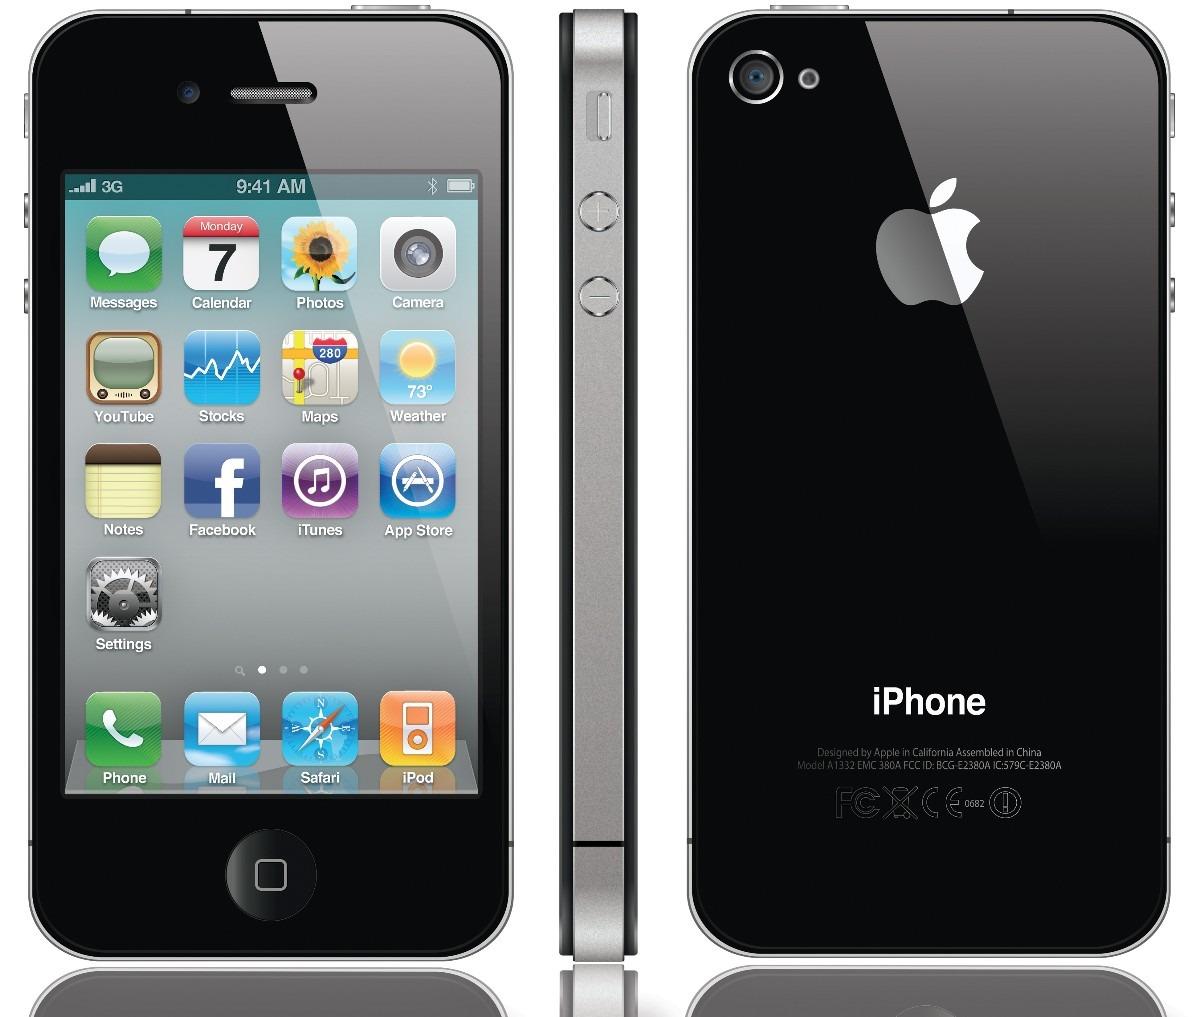 nuevo iphone 4s precio